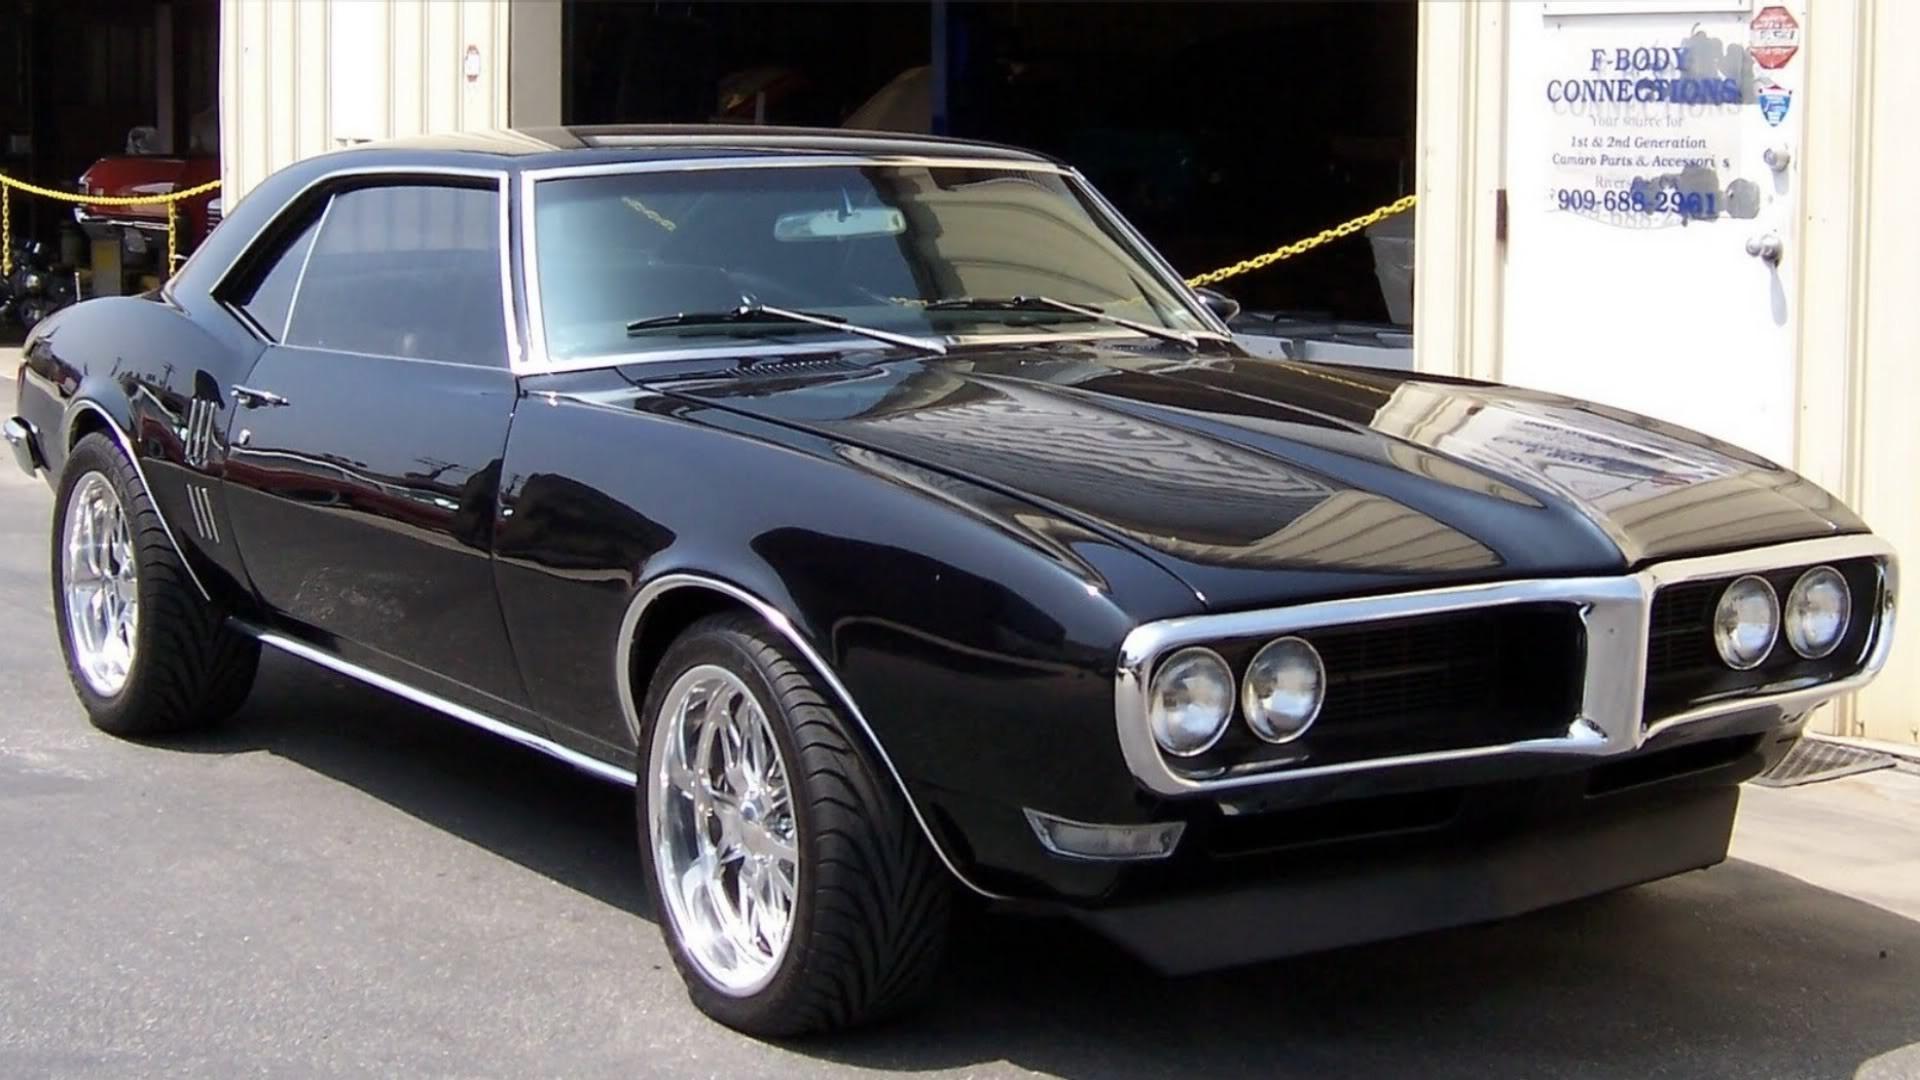 1968 Pontiac Firebird | Pontiac F-Body 1967 to 1968 | Pinterest | Pontiac  Firebird, Firebird and Cars